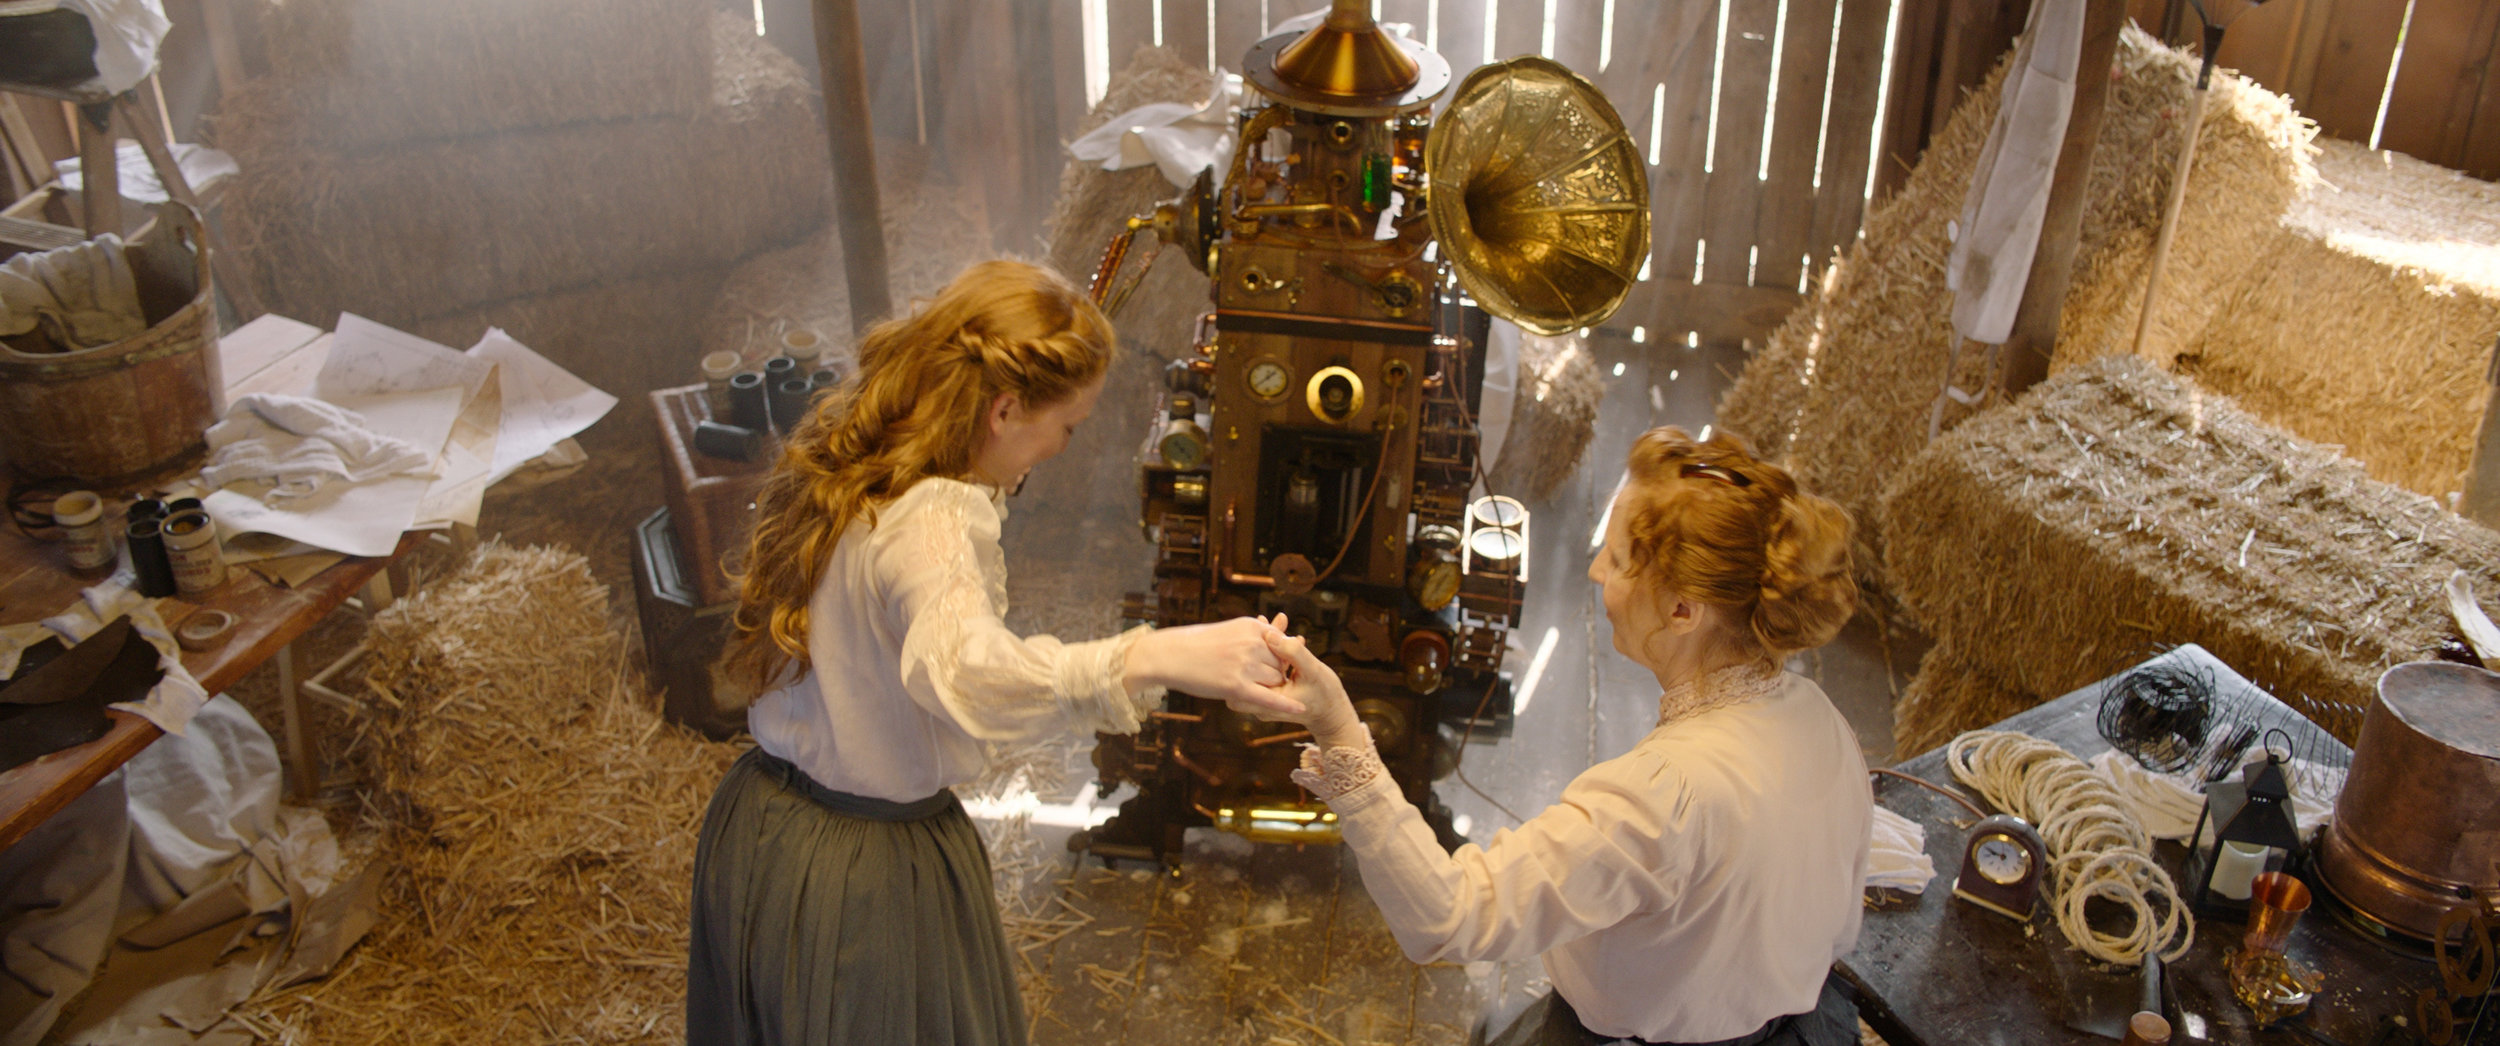 Automaton_nickmahar_alexreeves_day1_040.jpg